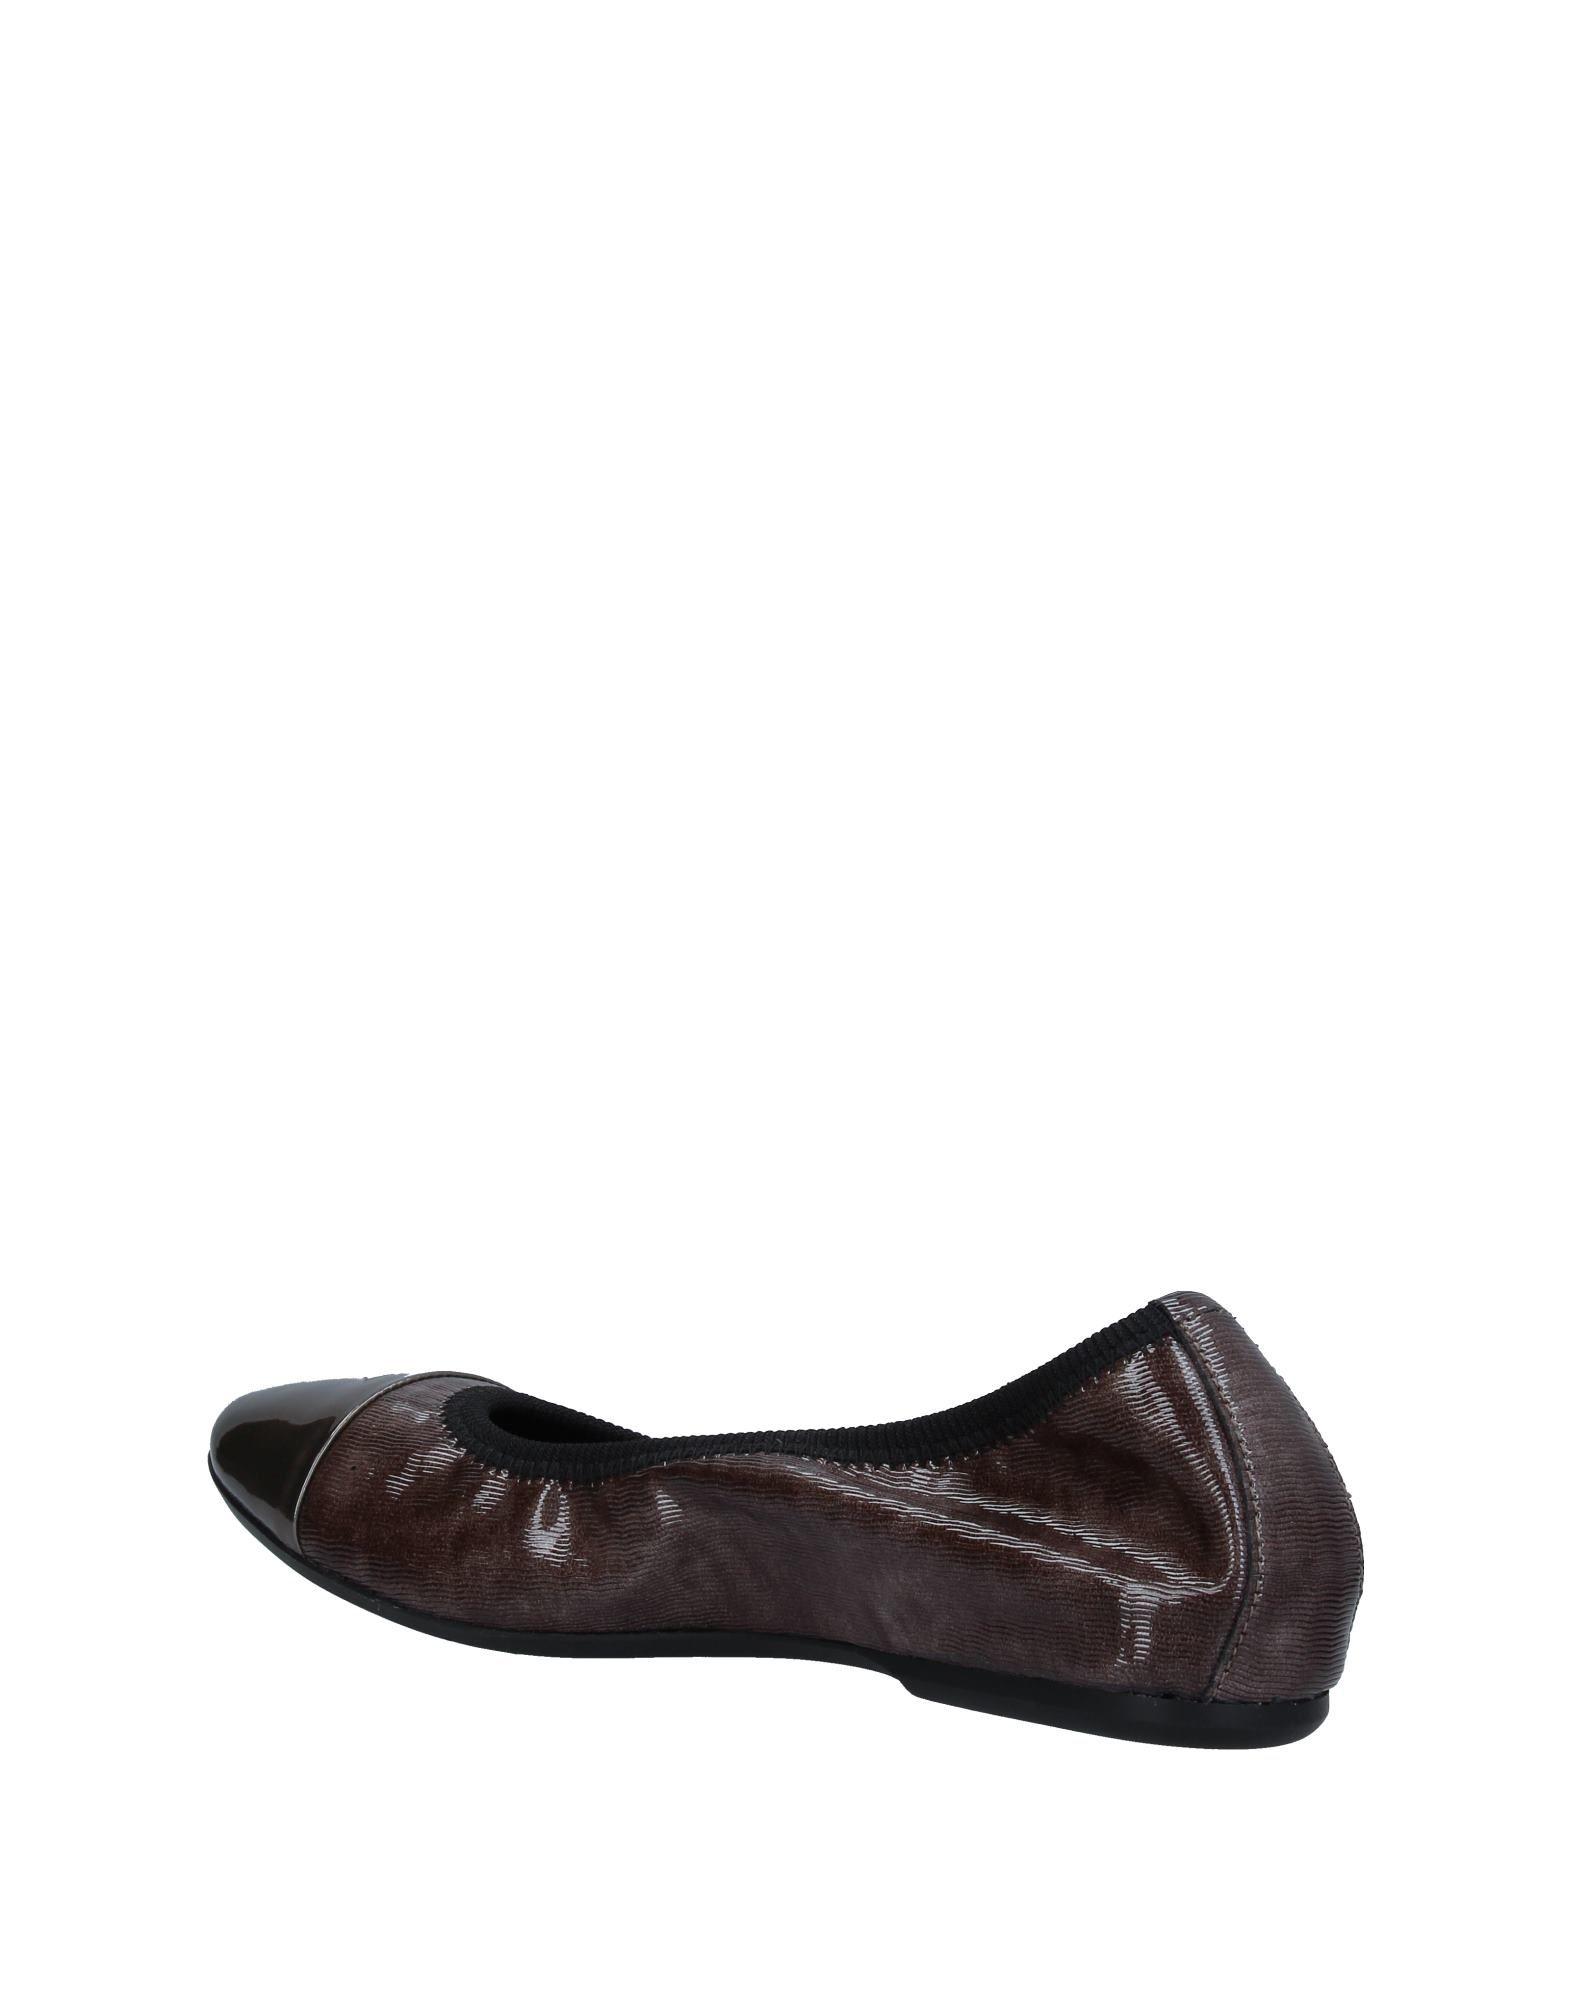 Frau Ballerinas Damen beliebte  11372028XN Gute Qualität beliebte Damen Schuhe fd5564